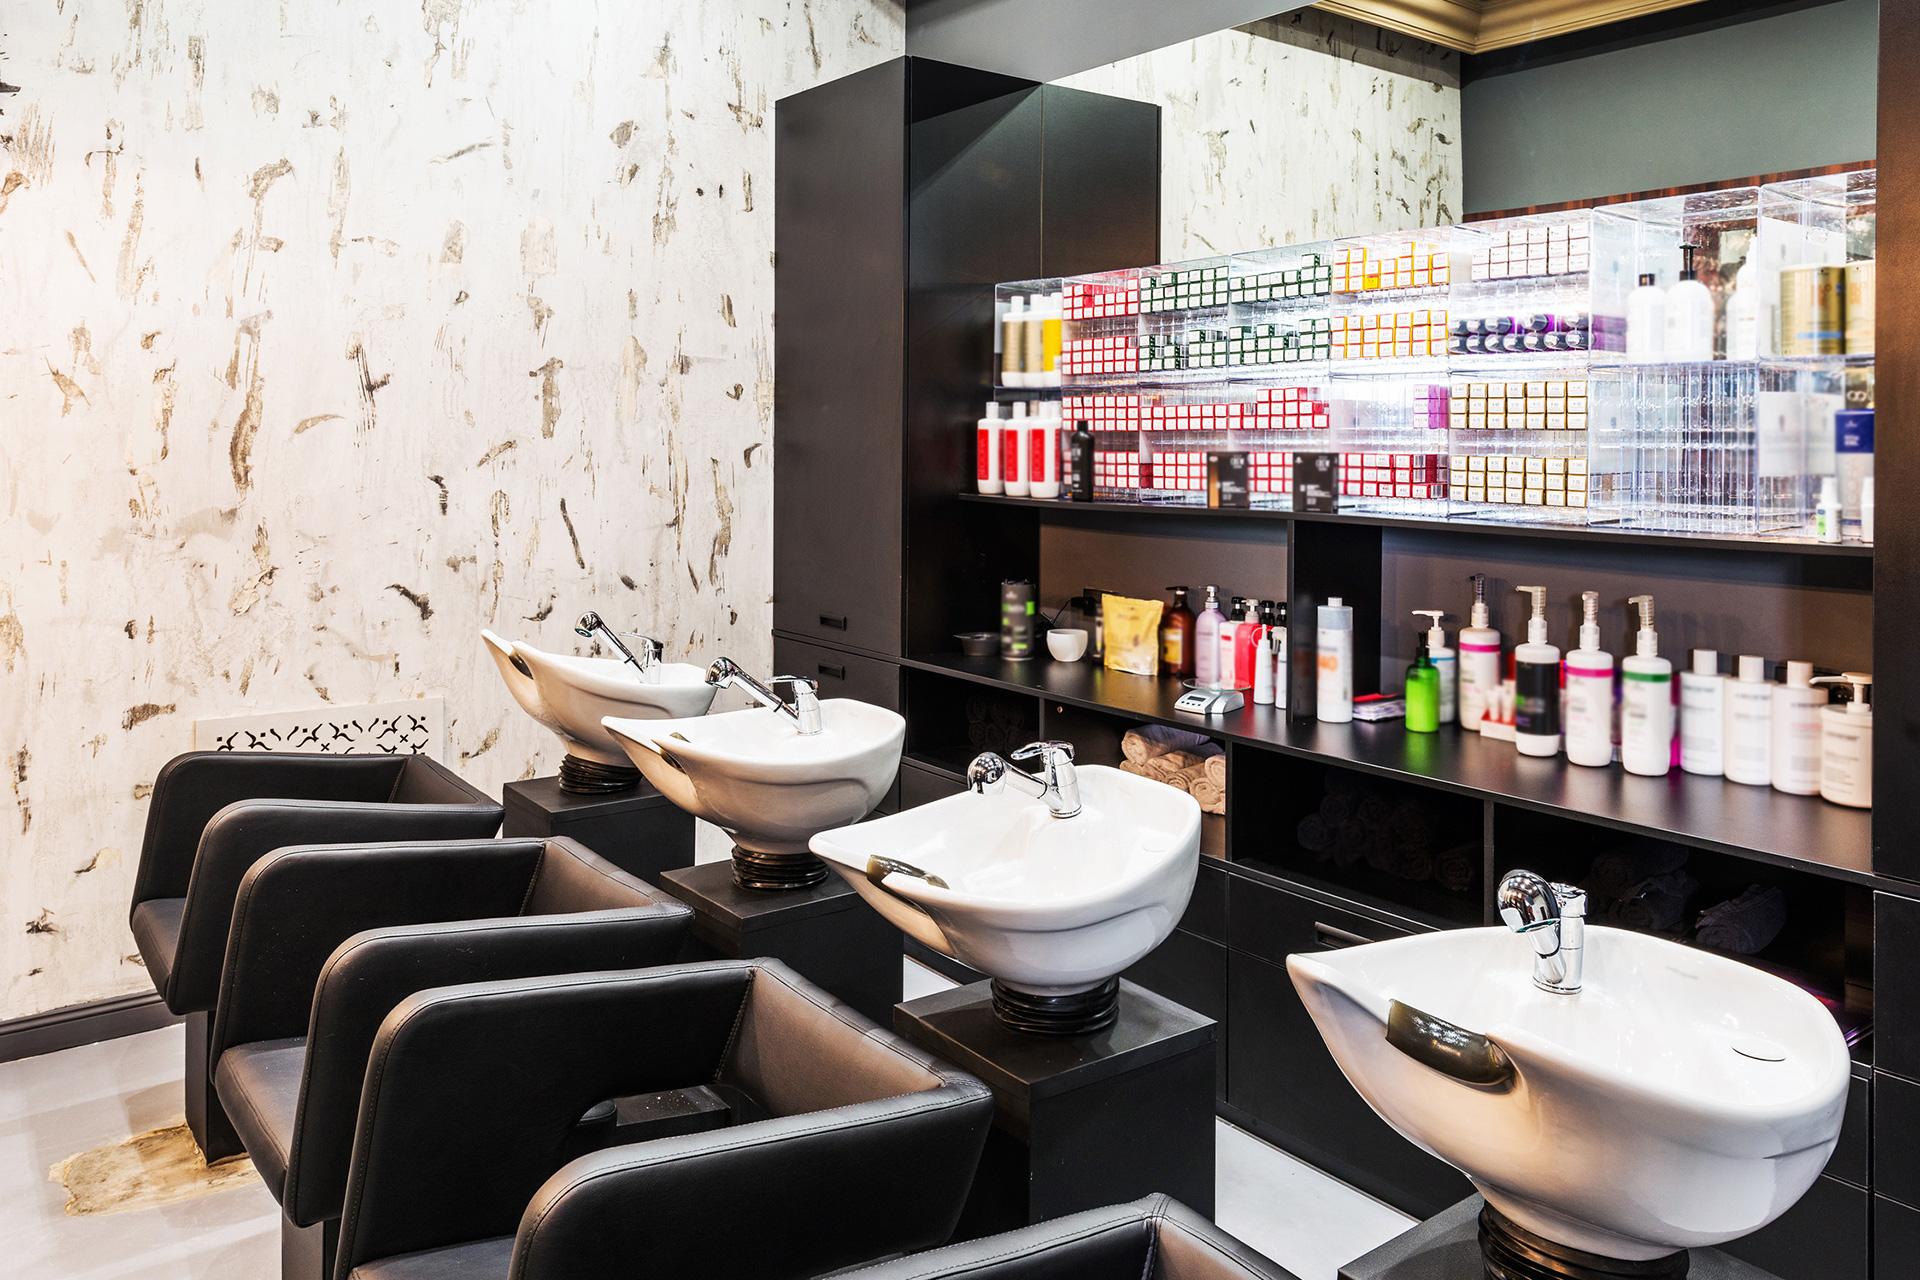 Unsere Salons - Finden Sie den passenden Salon in Ihrer Nähe